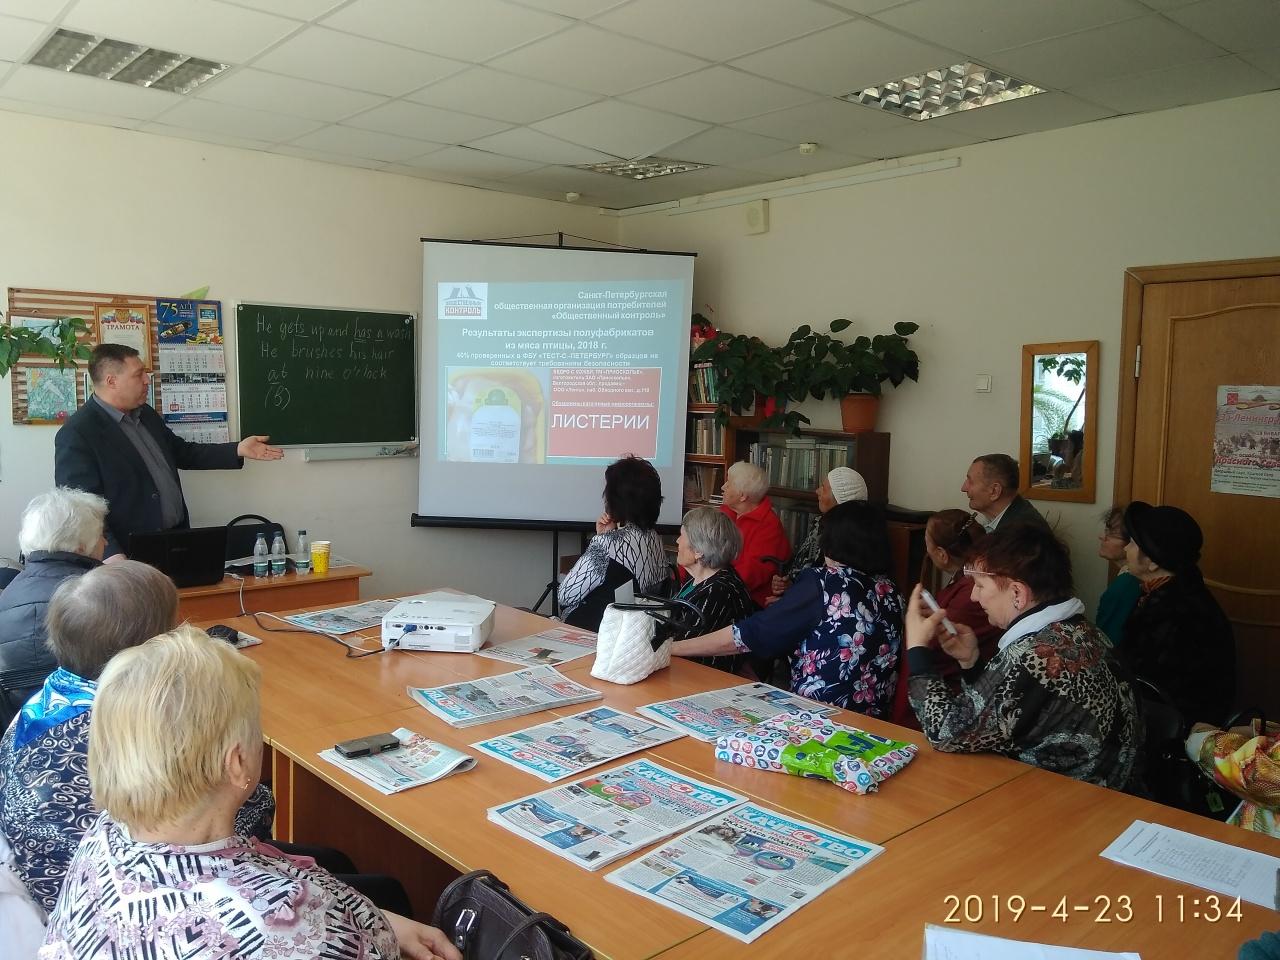 фото ЗакС политика Коммунисты сообщили, что от них потребовали странный набор документов в ИКМО «Константиновское»